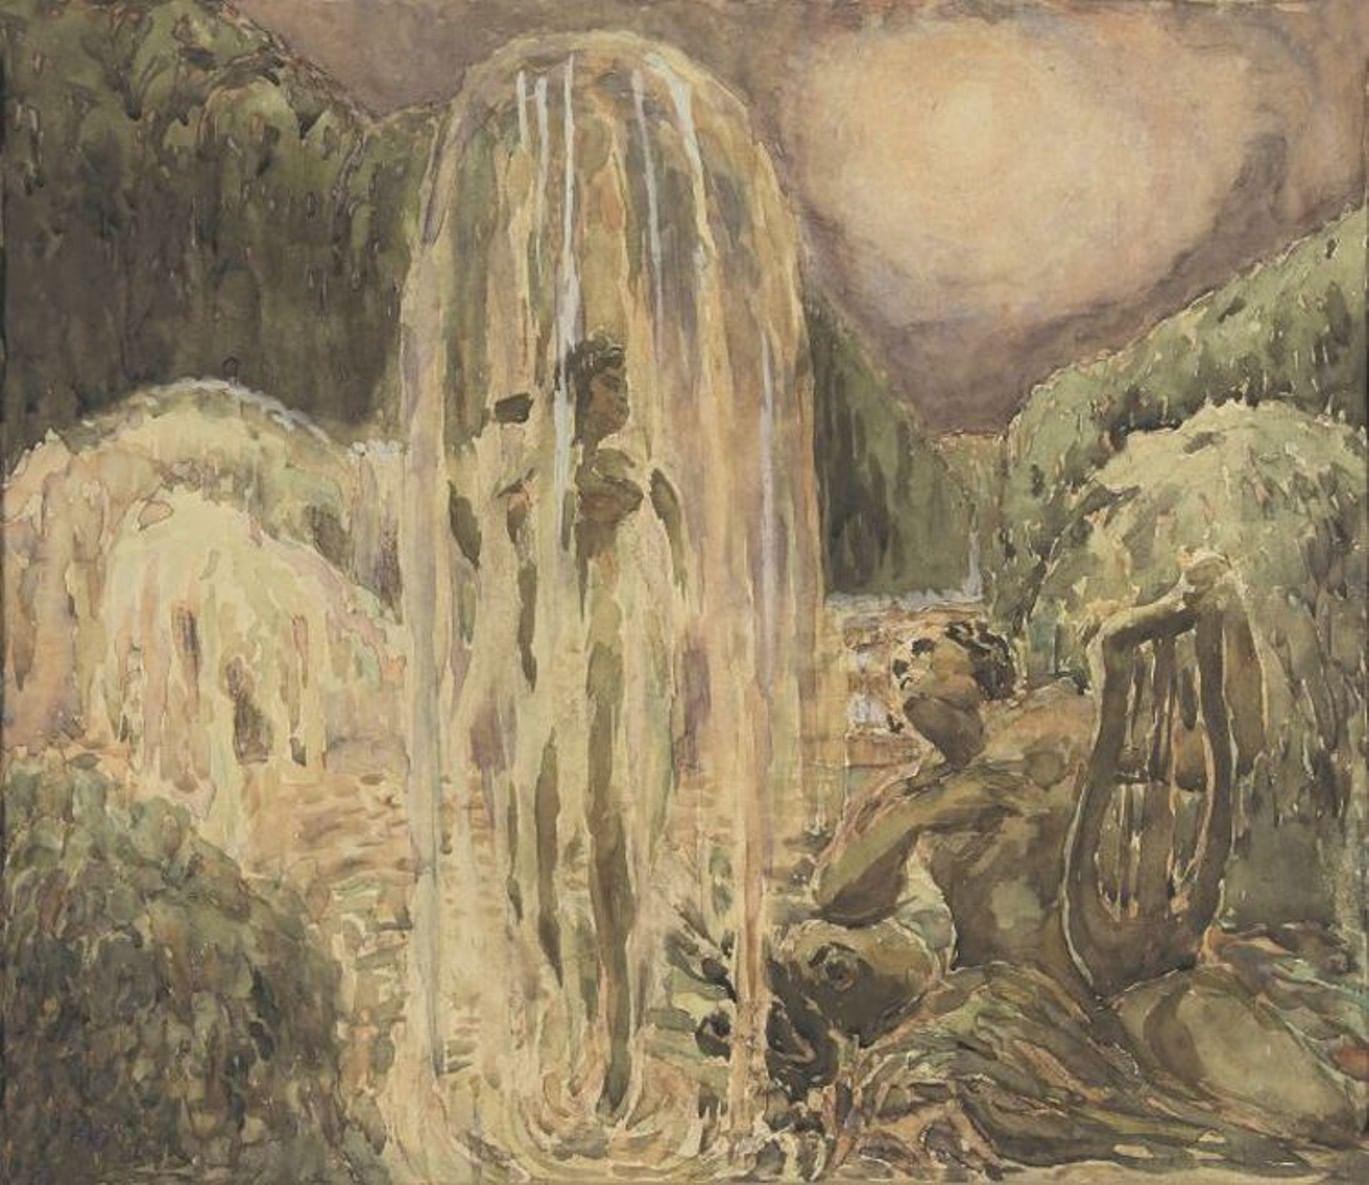 Выставка забытой художницы Серебряного века Александры Коноваловой открылась в Москве. Галерея 1